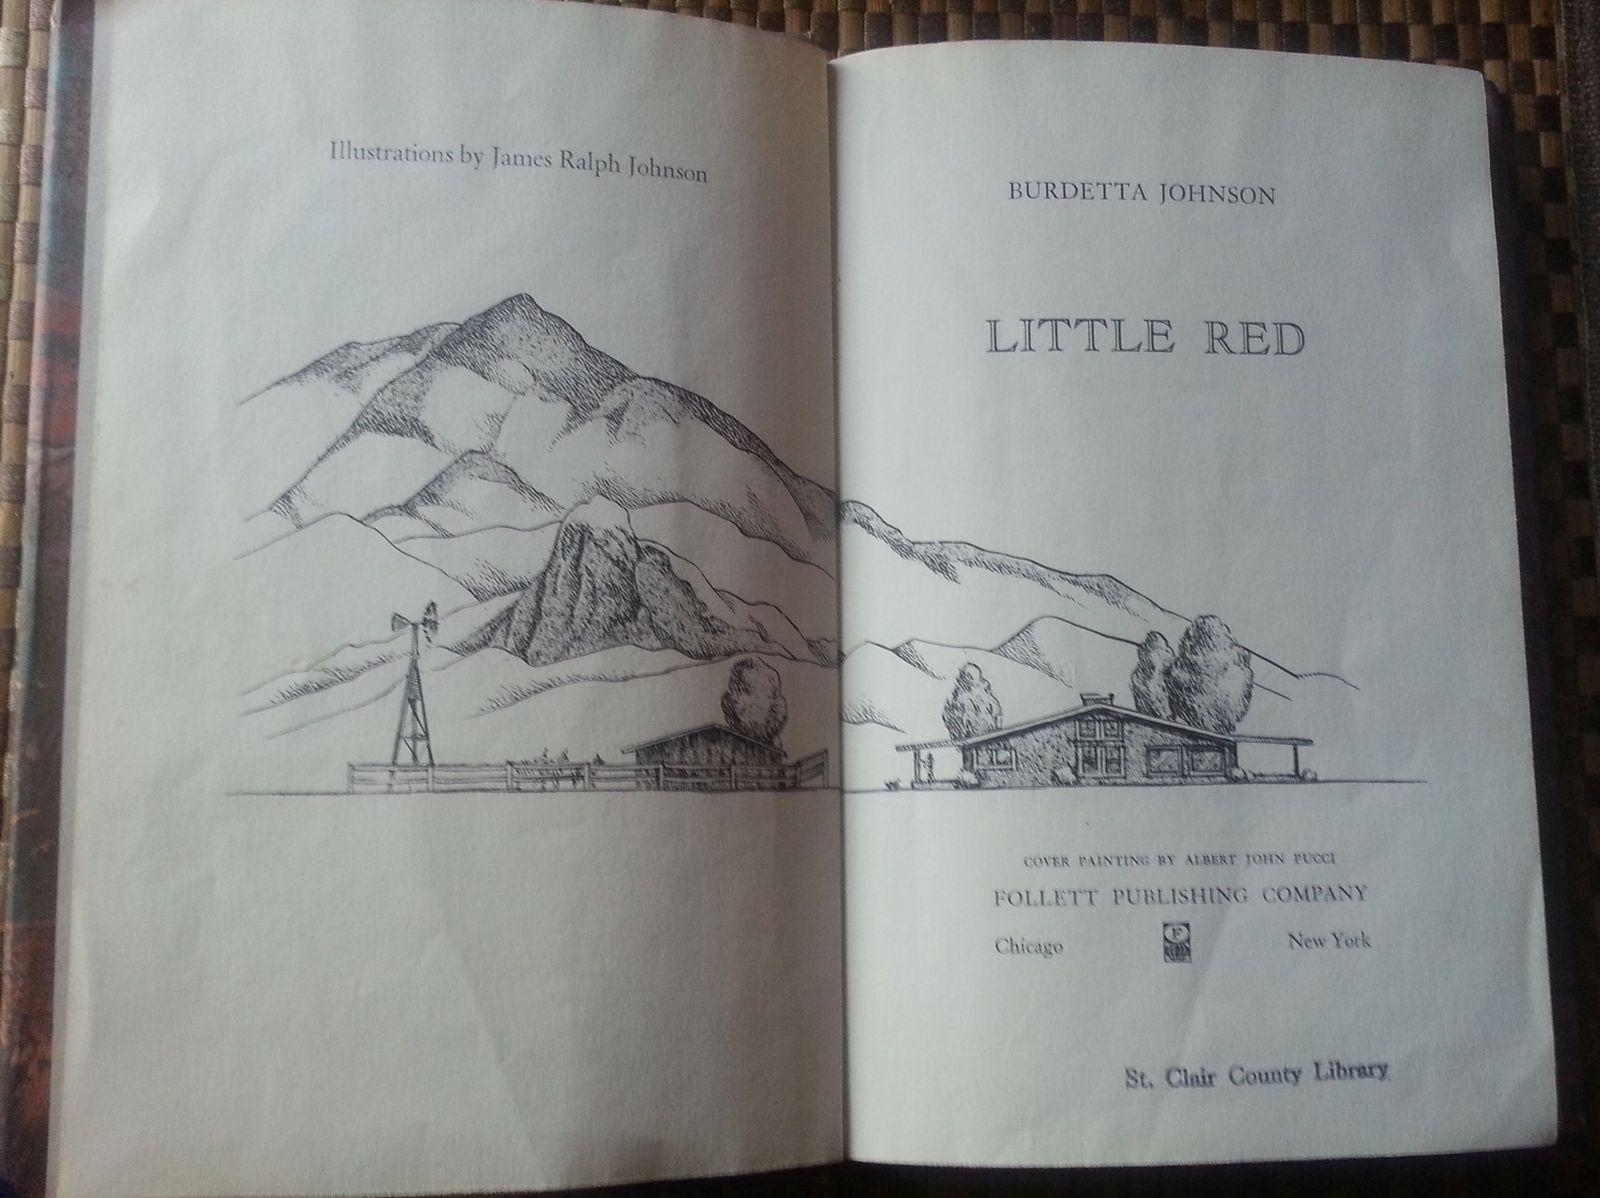 Little Red by Burdetta Johnson 1966 HBDJ Wild Pig,s Adventures